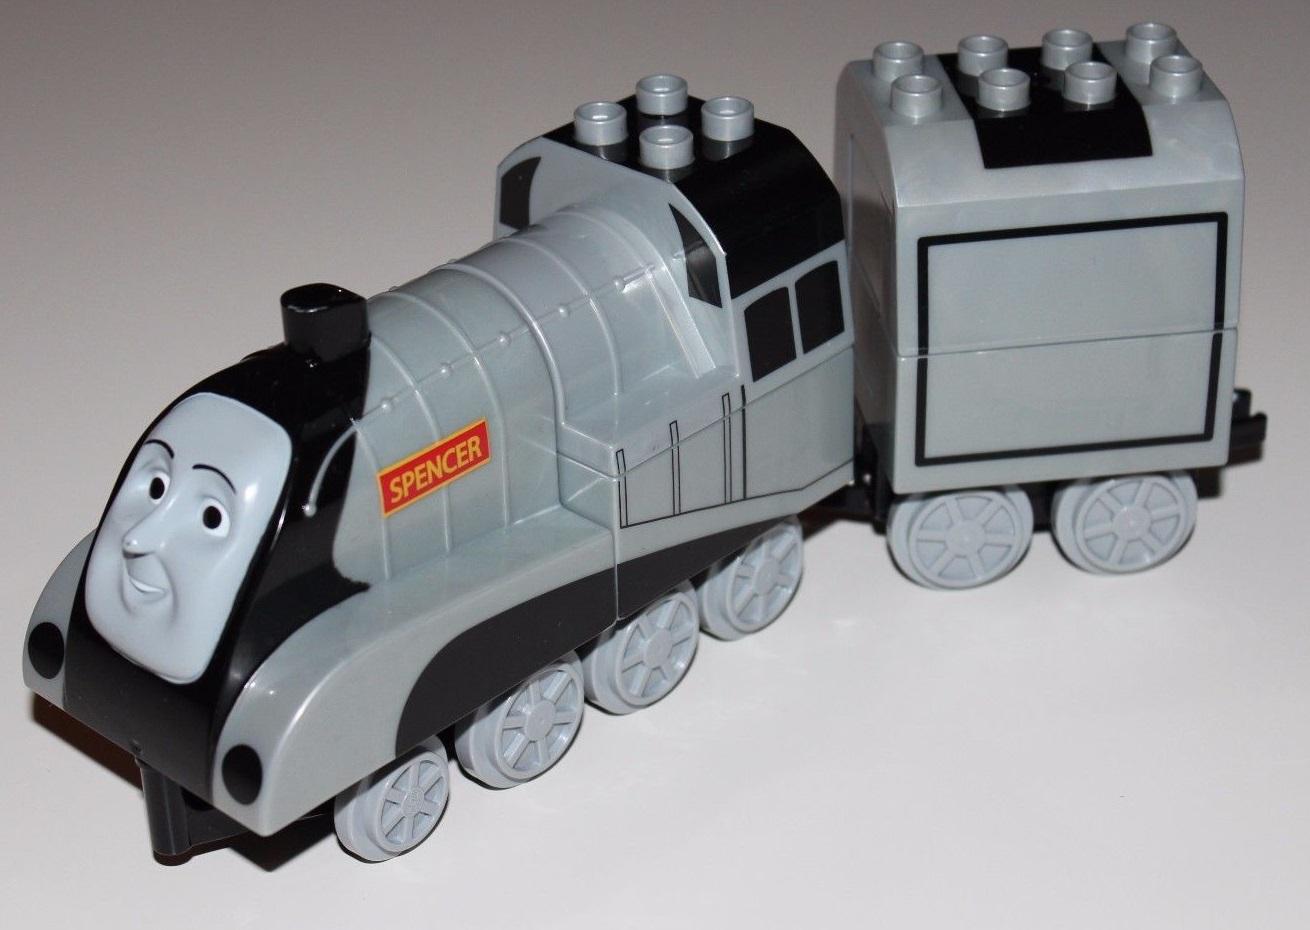 File:LEGOSpencer.jpg